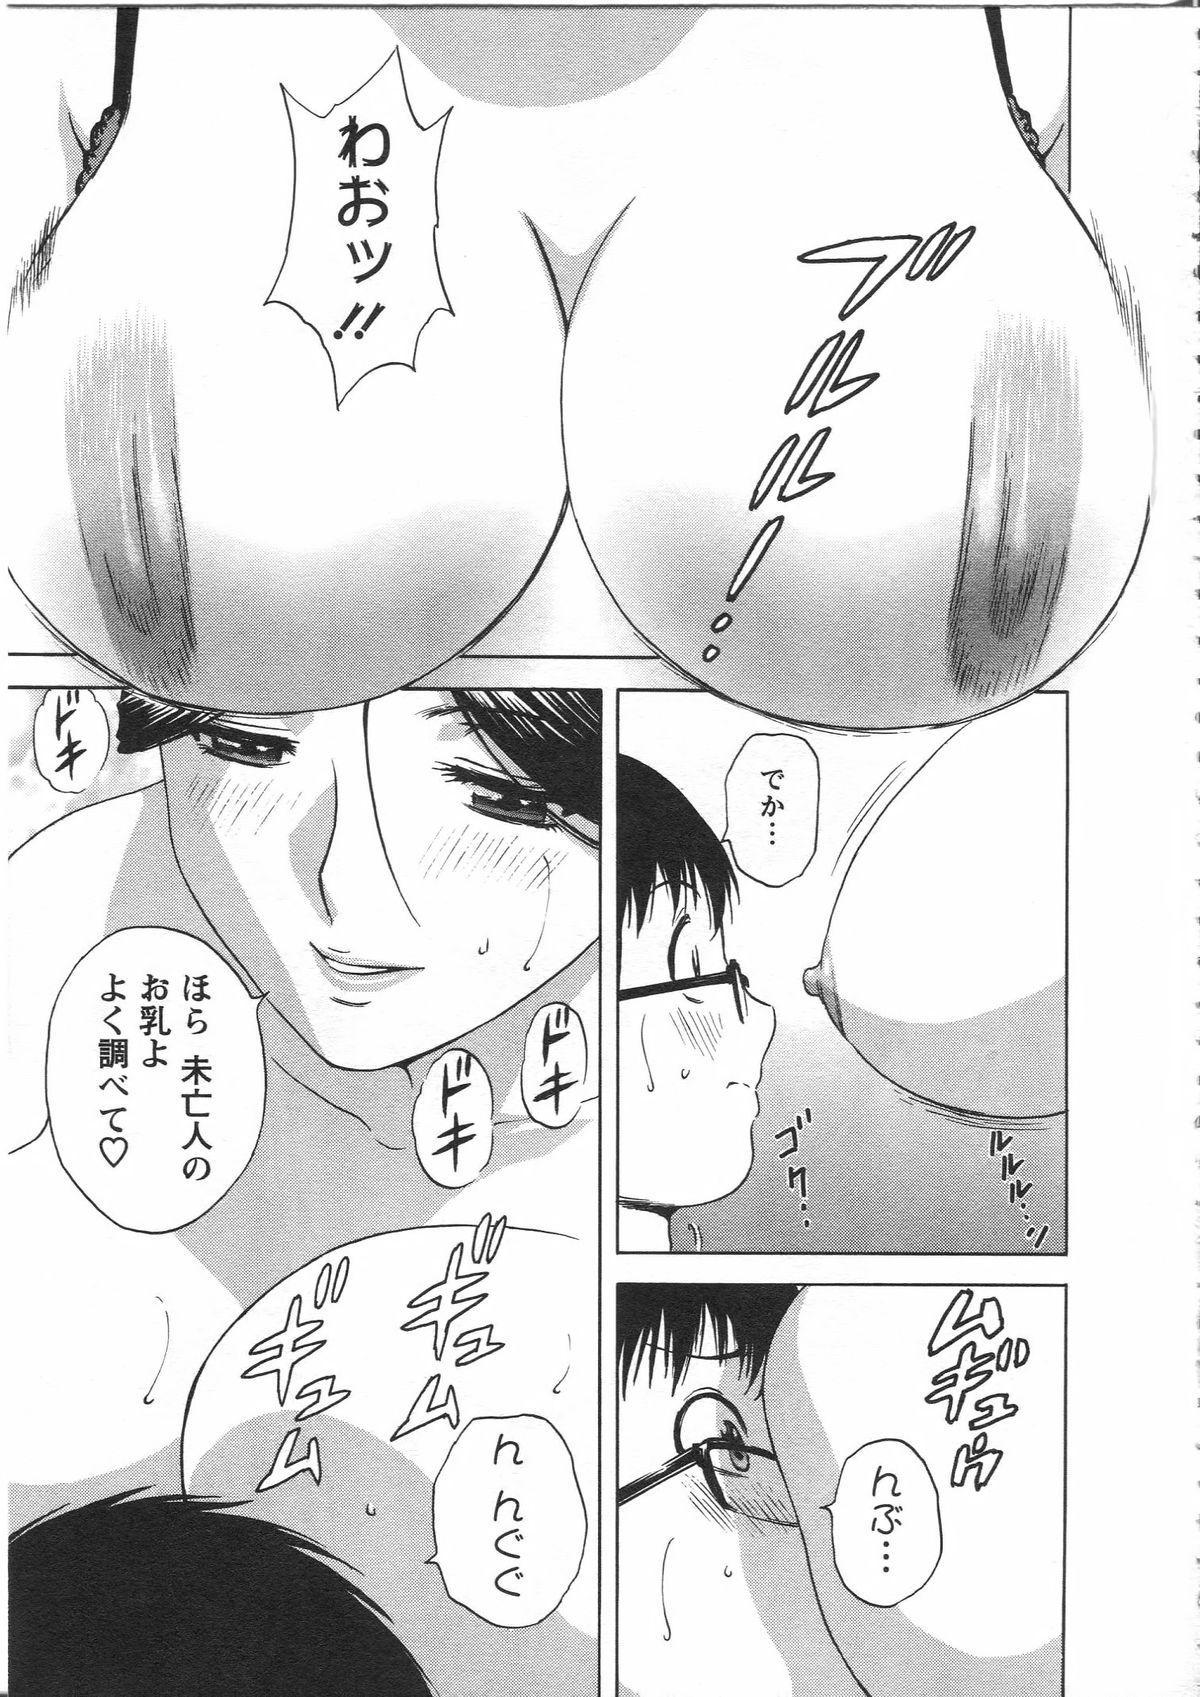 Manga no youna Hitozuma to no Hibi - Days with Married Women such as Comics. 72